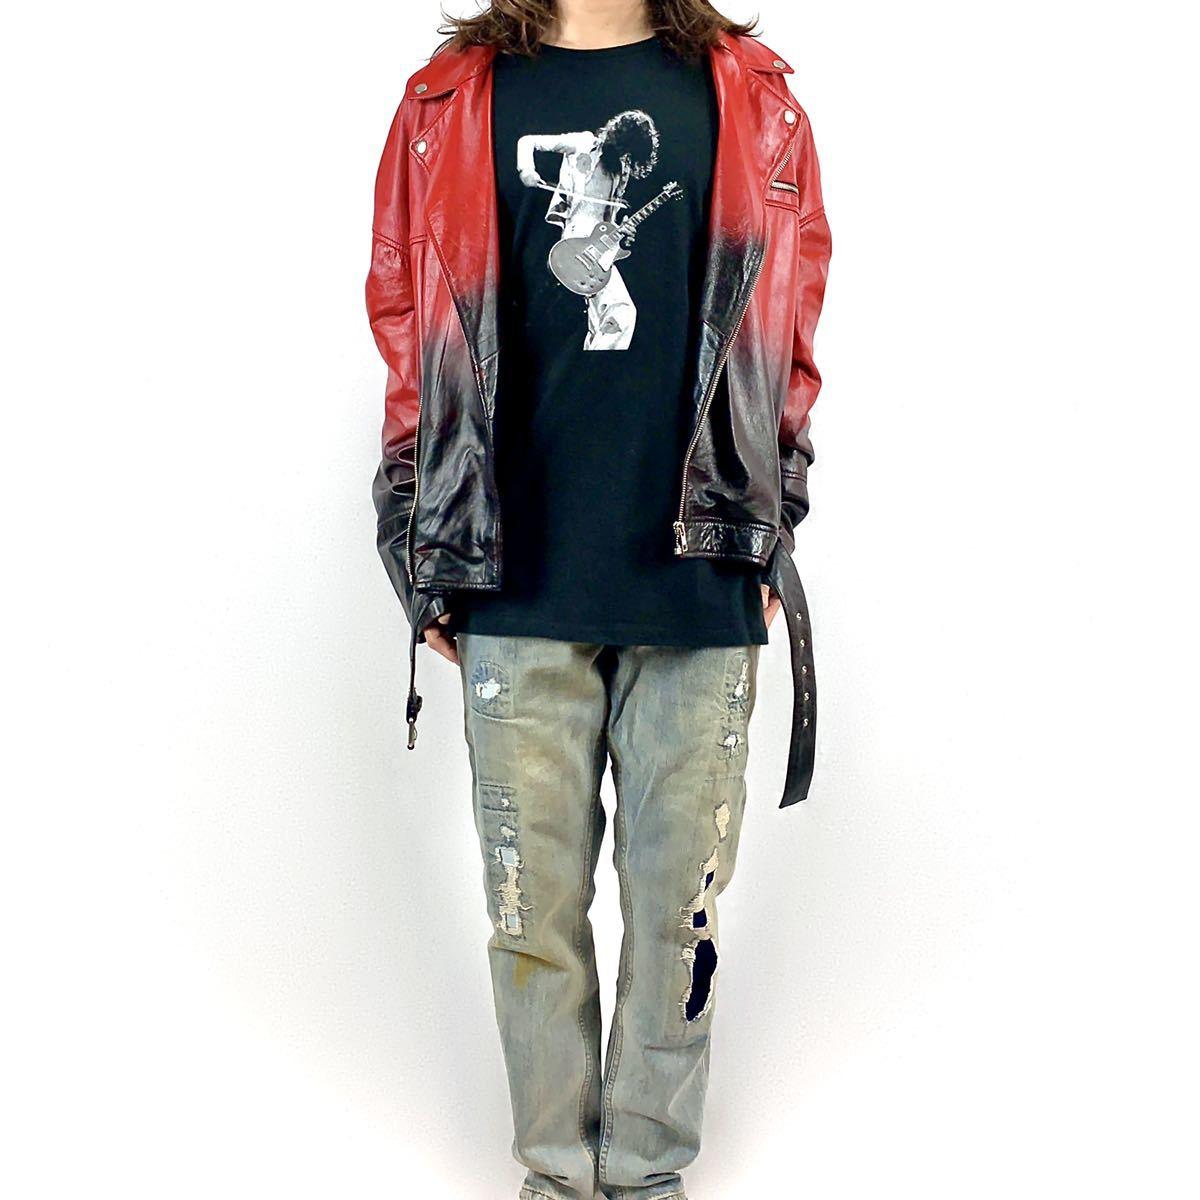 新品 ジミーペイジ レッドツェッペリン ギタリスト ロック バンド 黒 ロンT 長袖 Tシャツ XS S M L XL ビッグ オーバー サイズ XXL~4XL 可_画像5